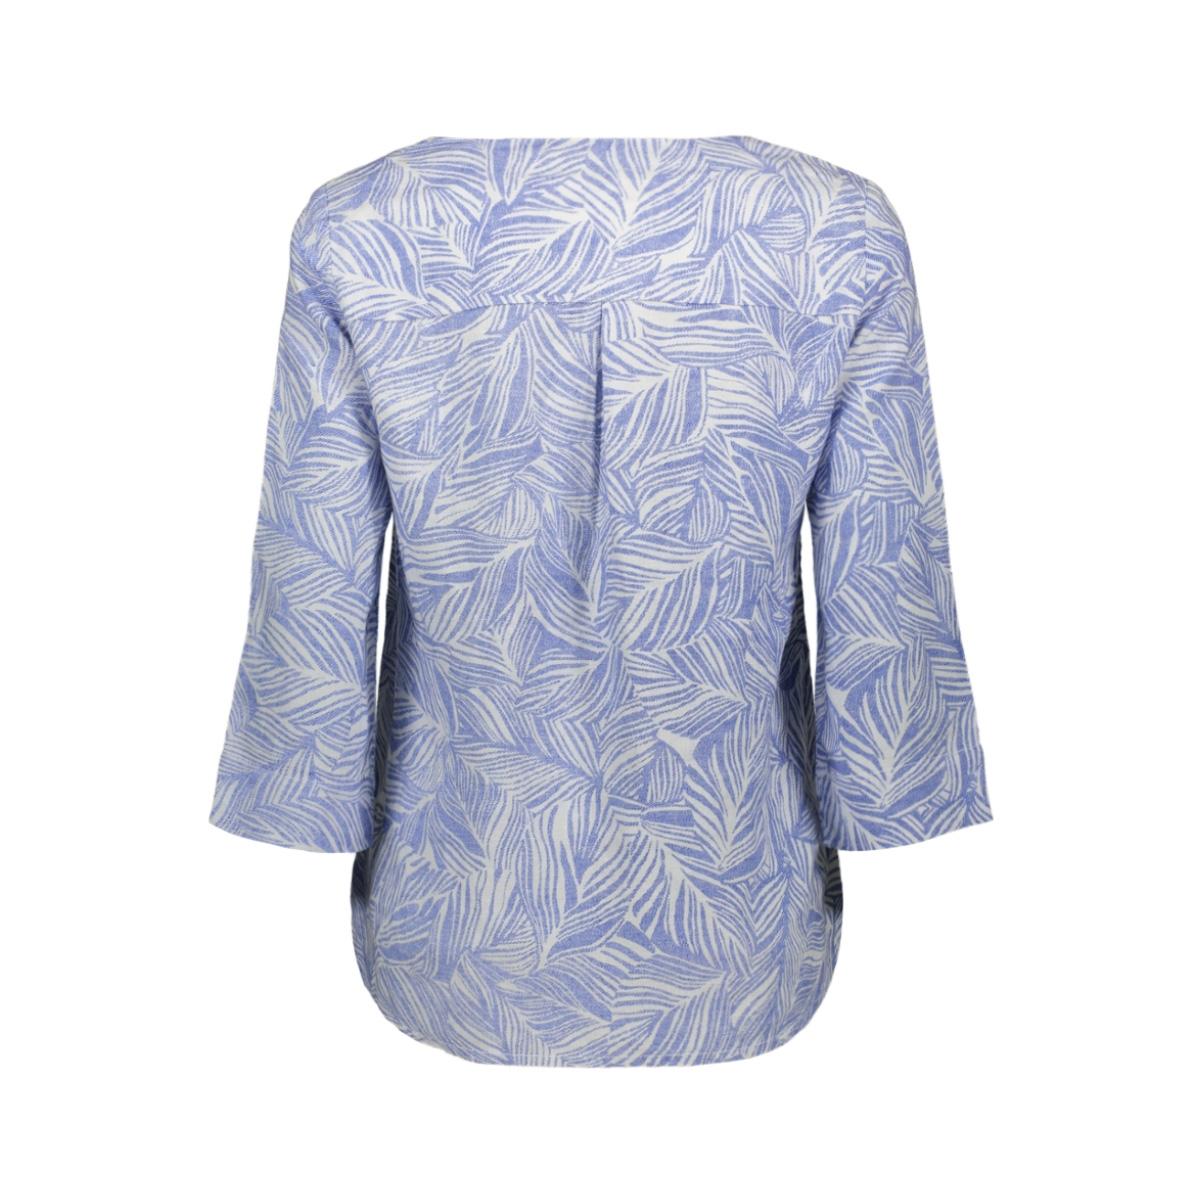 linnen blouse met organische print 22001812 sandwich blouse 40031